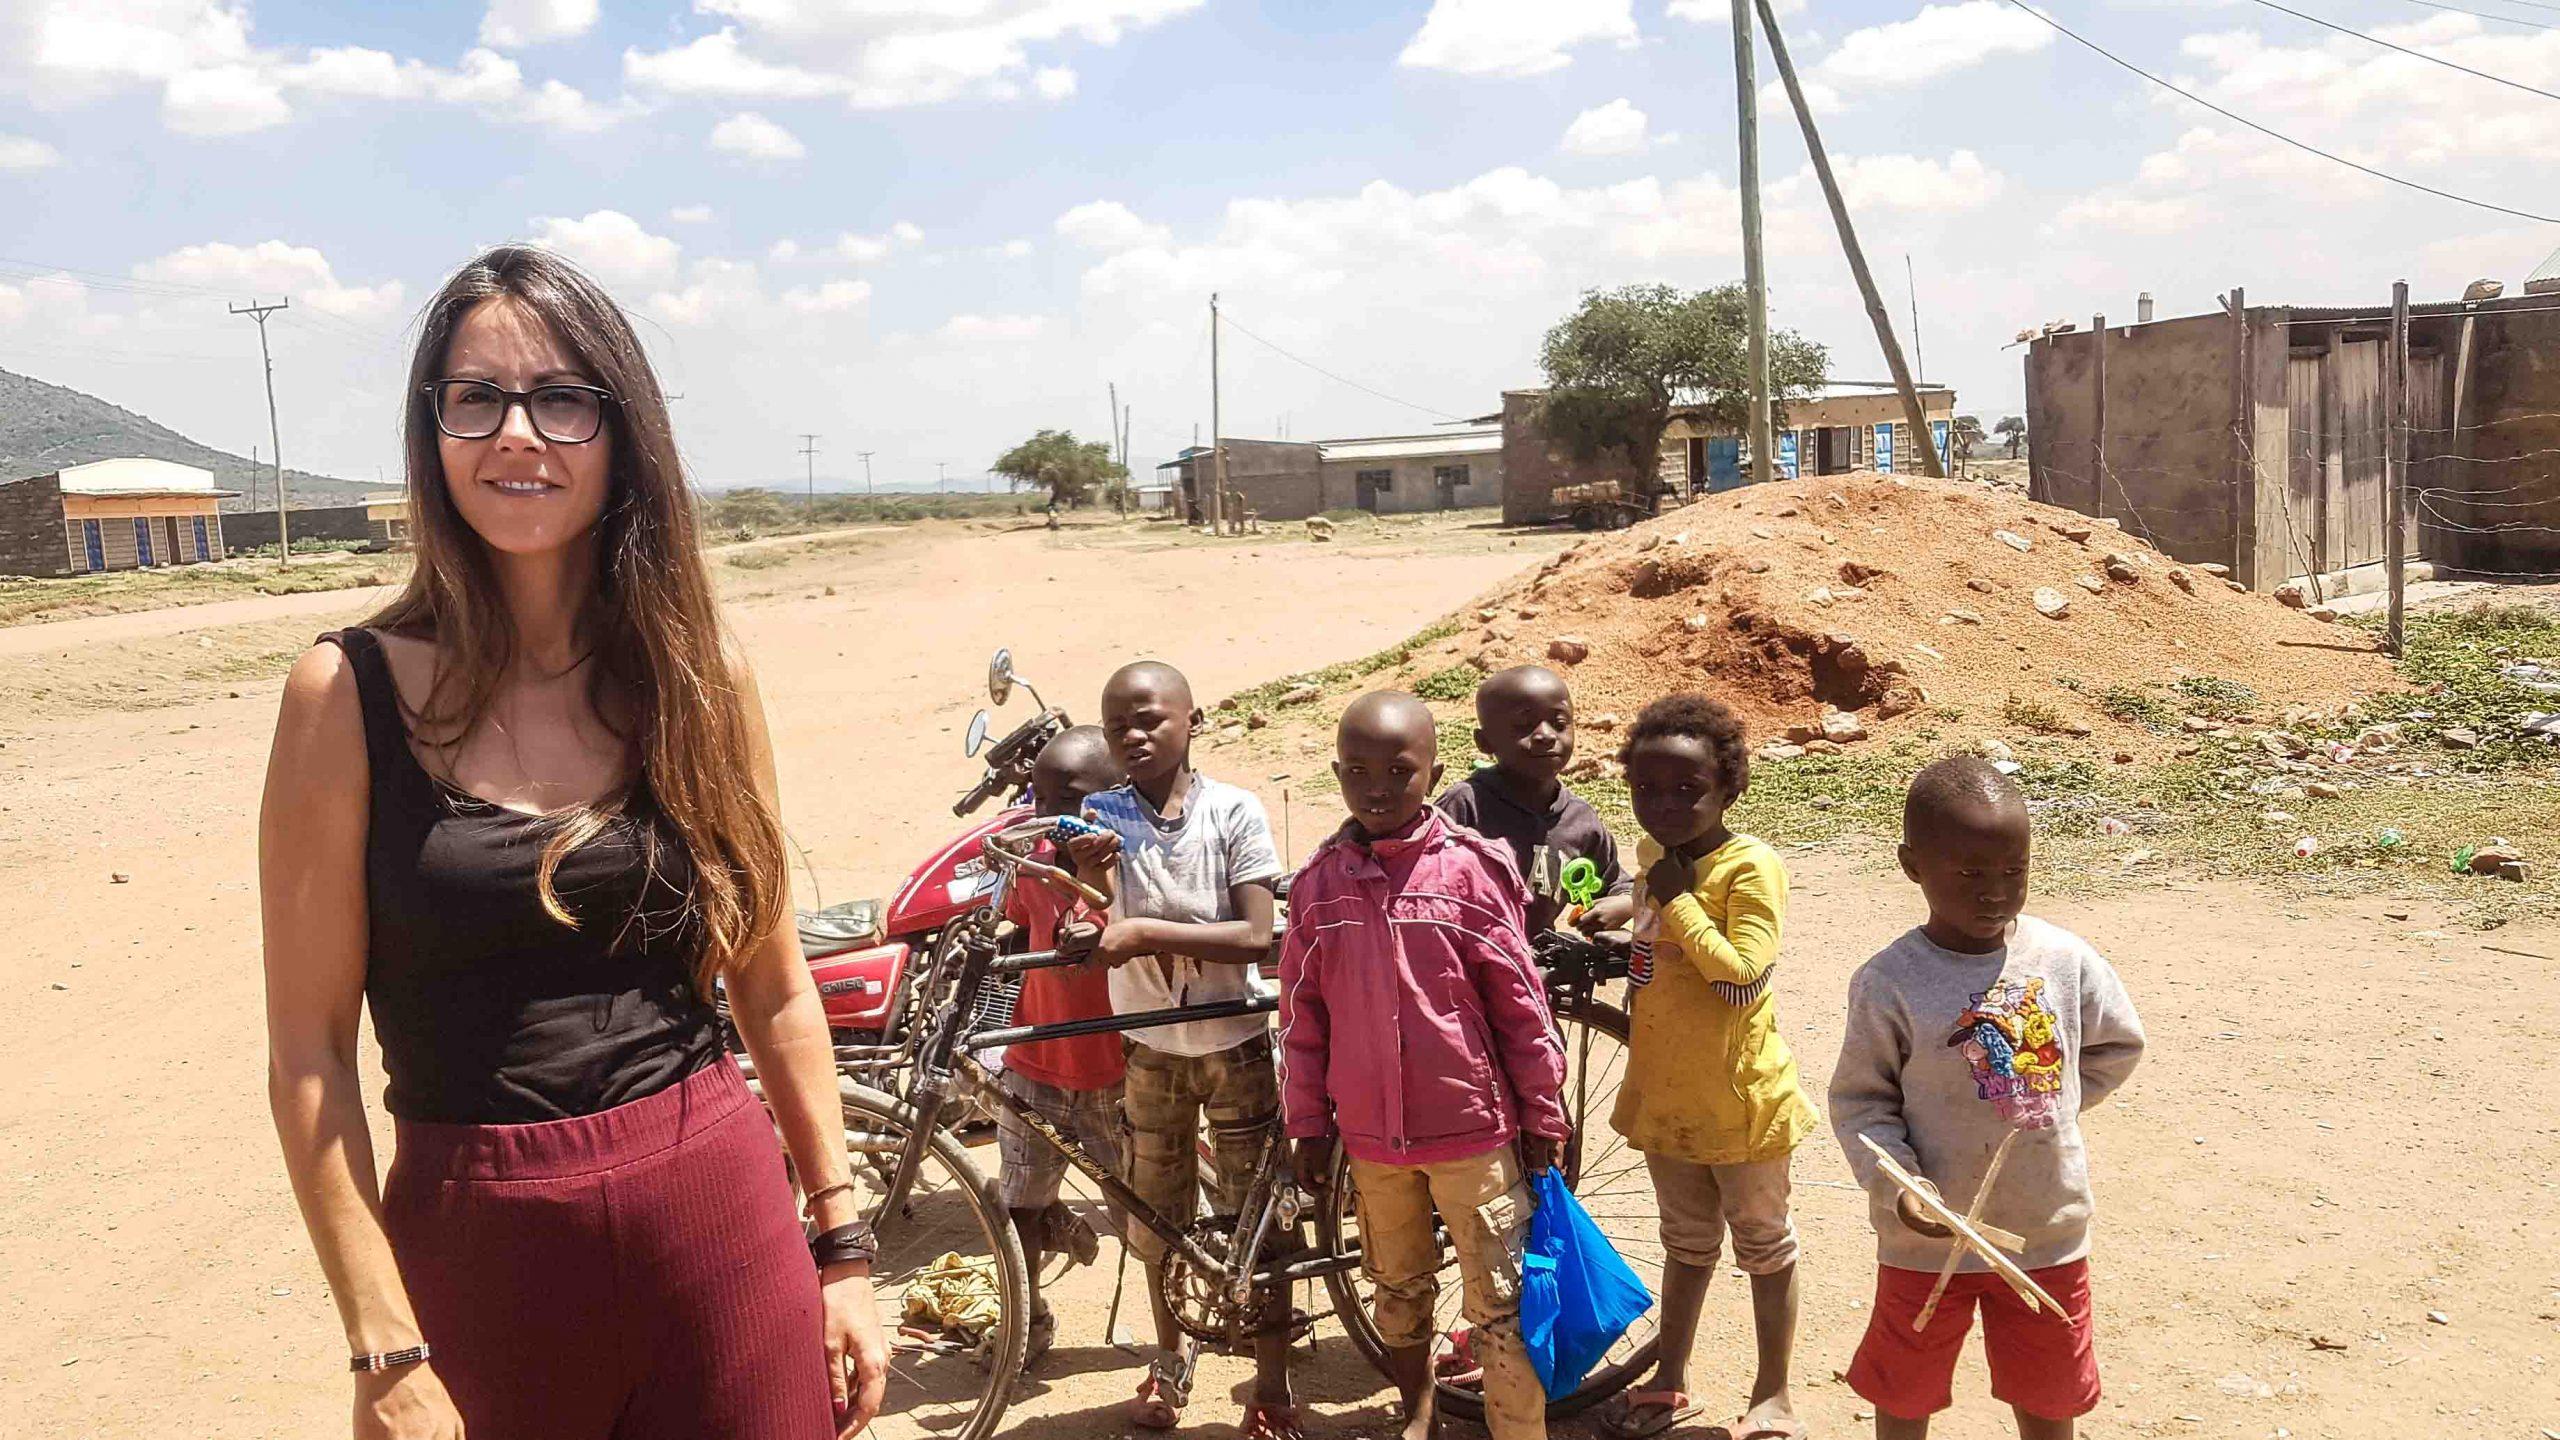 Grupo de niños en un pueblo de Kenia